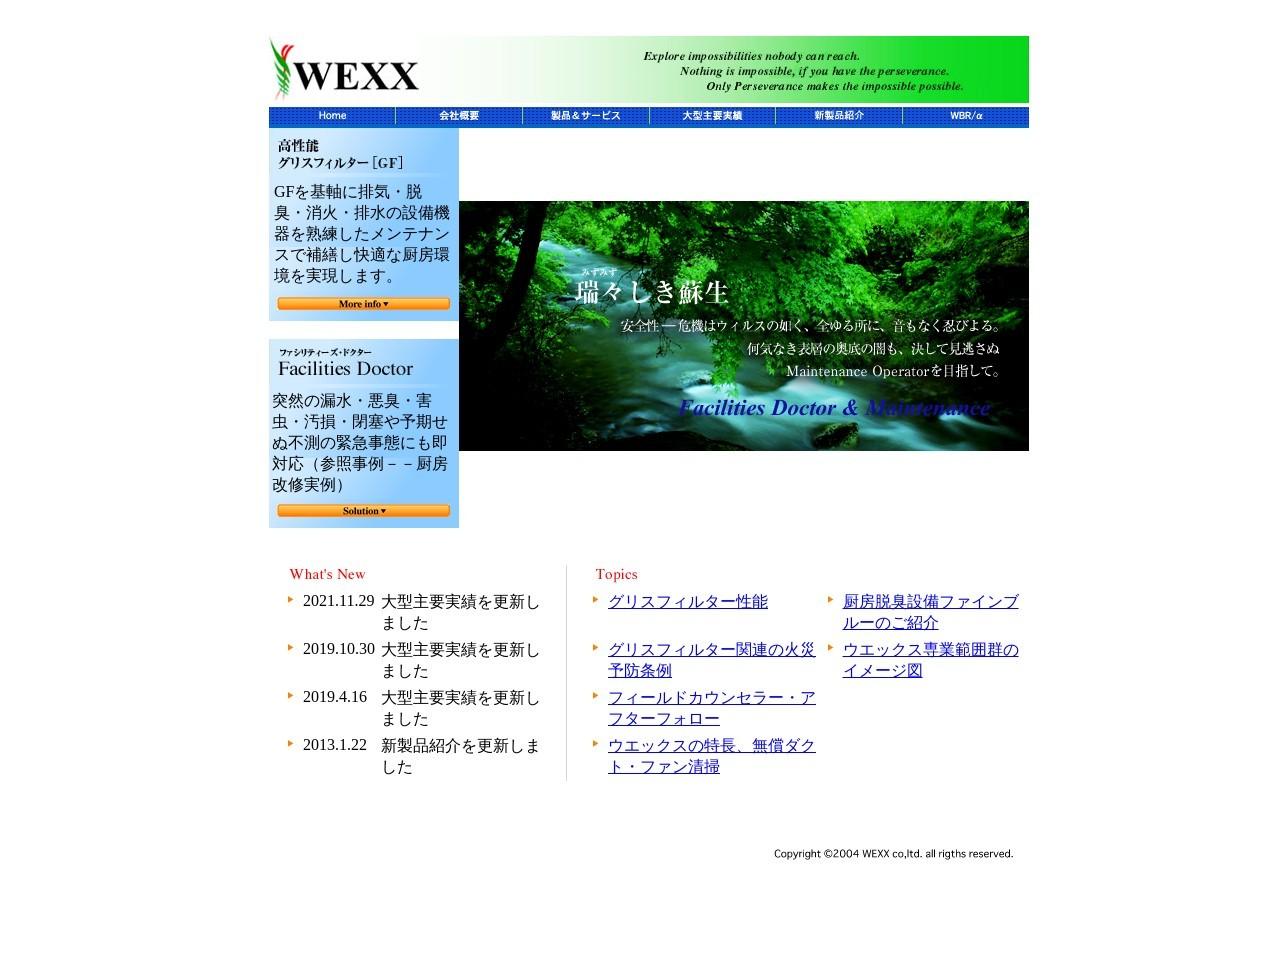 株式会社ウエックス